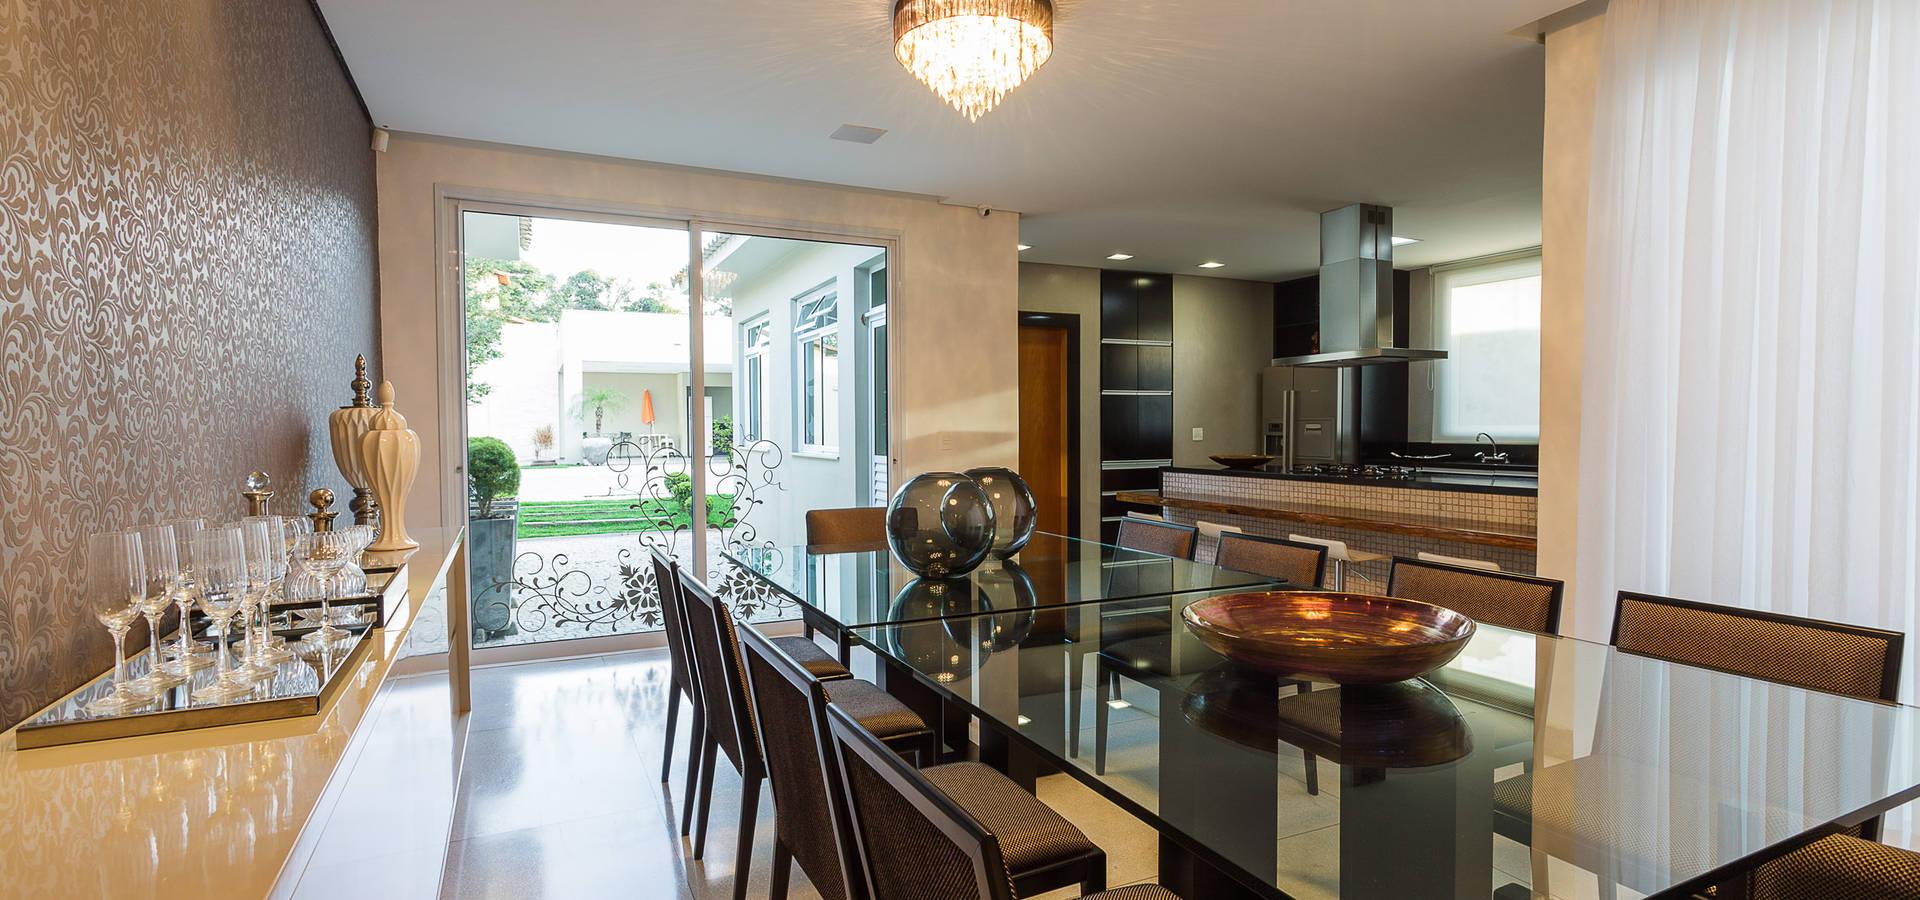 A3 Arquitetura e Interiores